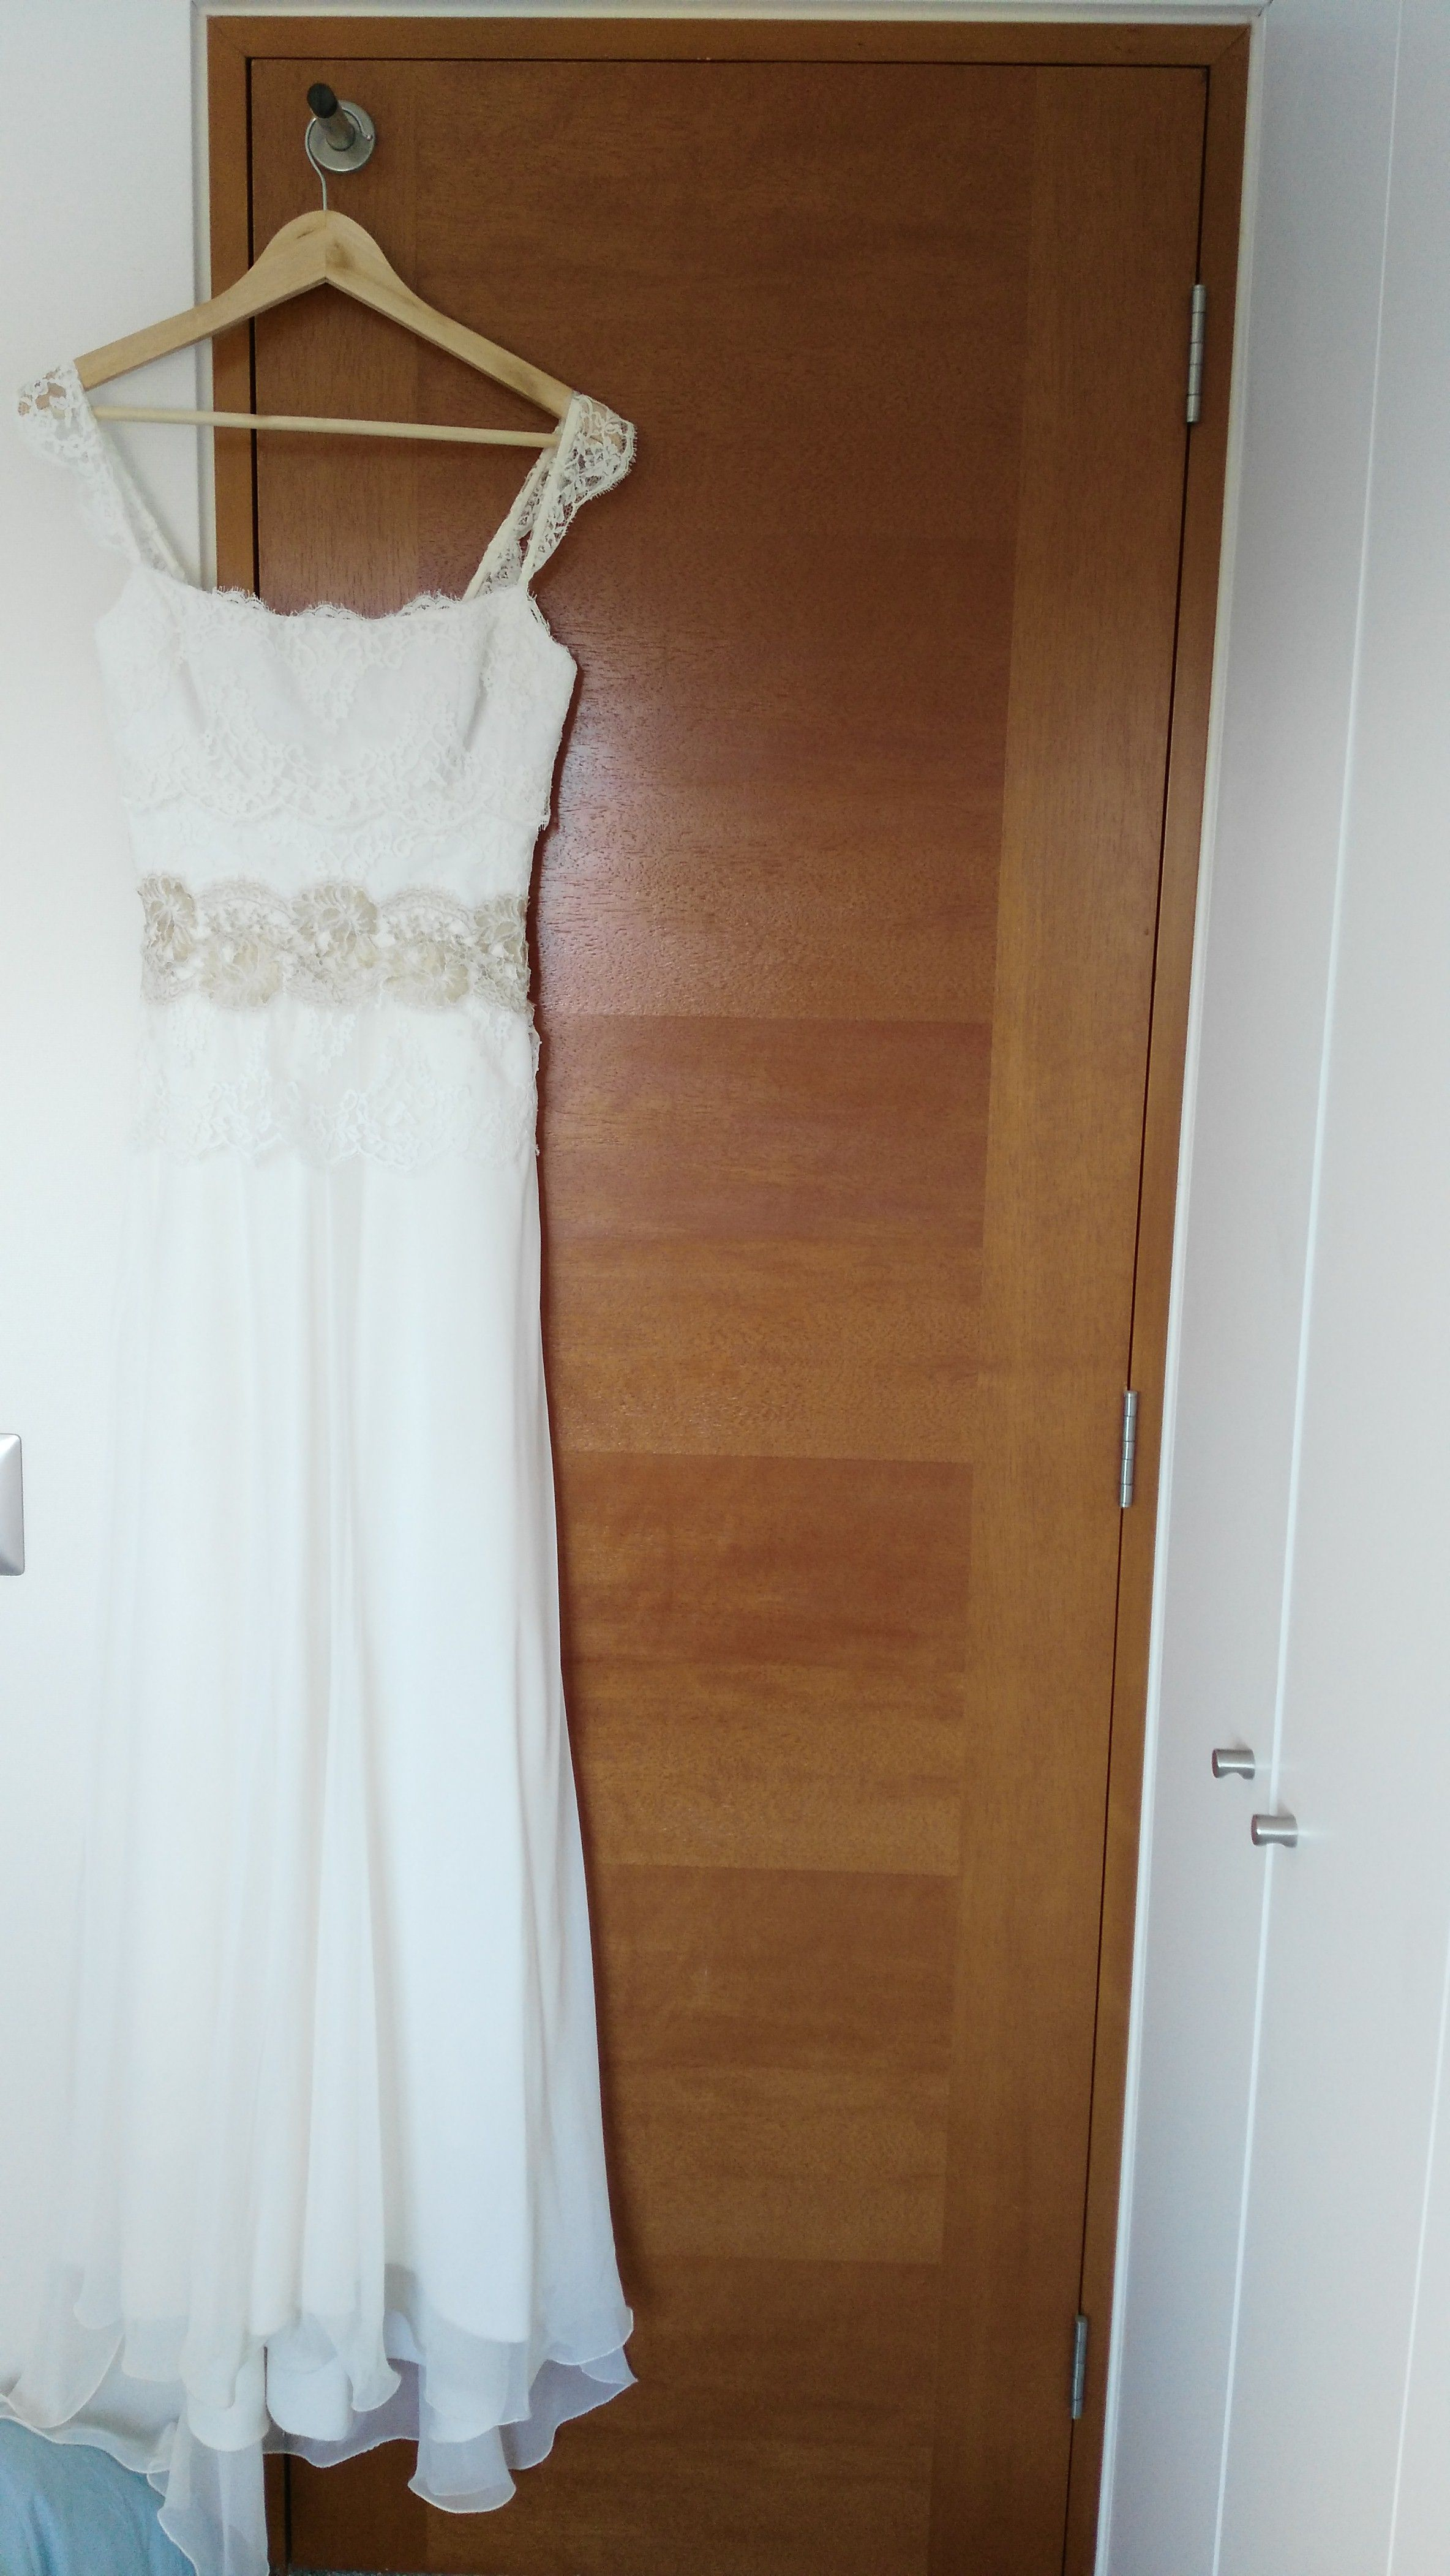 ¡Nuevo vestido publicado!  Hecho a mano - T38 ¡por sólo $450000! ¡Ahorra un 36%!   http://www.weddalia.com/cl/tienda-vender-vestido-novia/hecho-a-mano-t38/ #VestidosDeNovia vía www.weddalia.com/cl